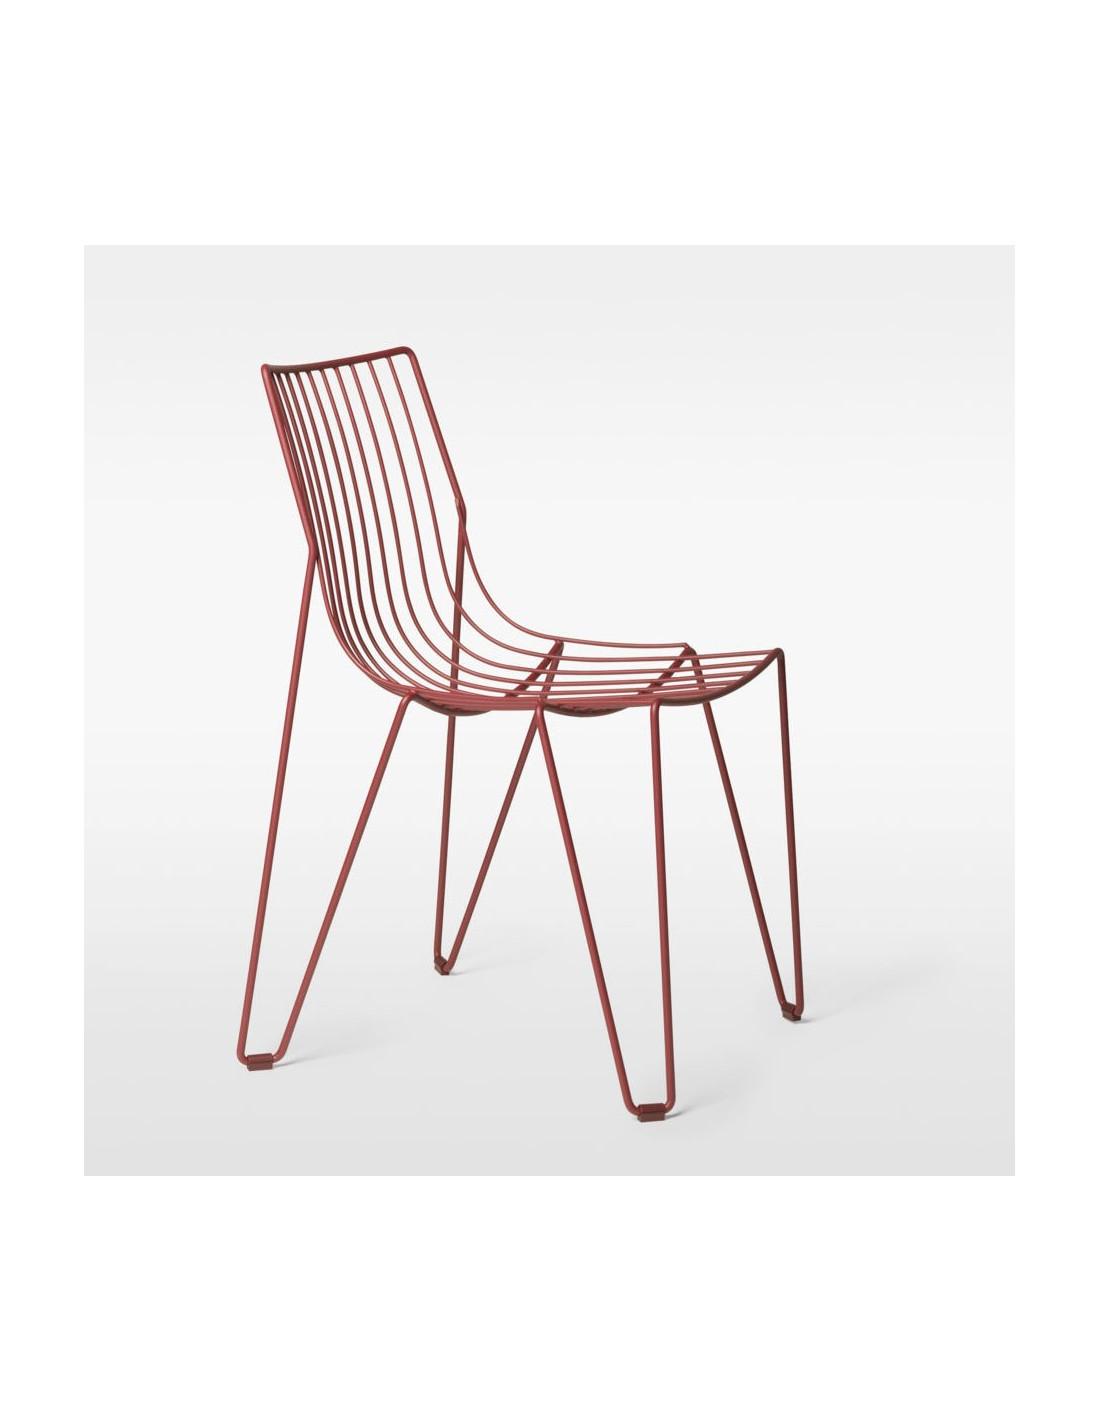 Tio Chair By Chris Martin La Boutique Danoise